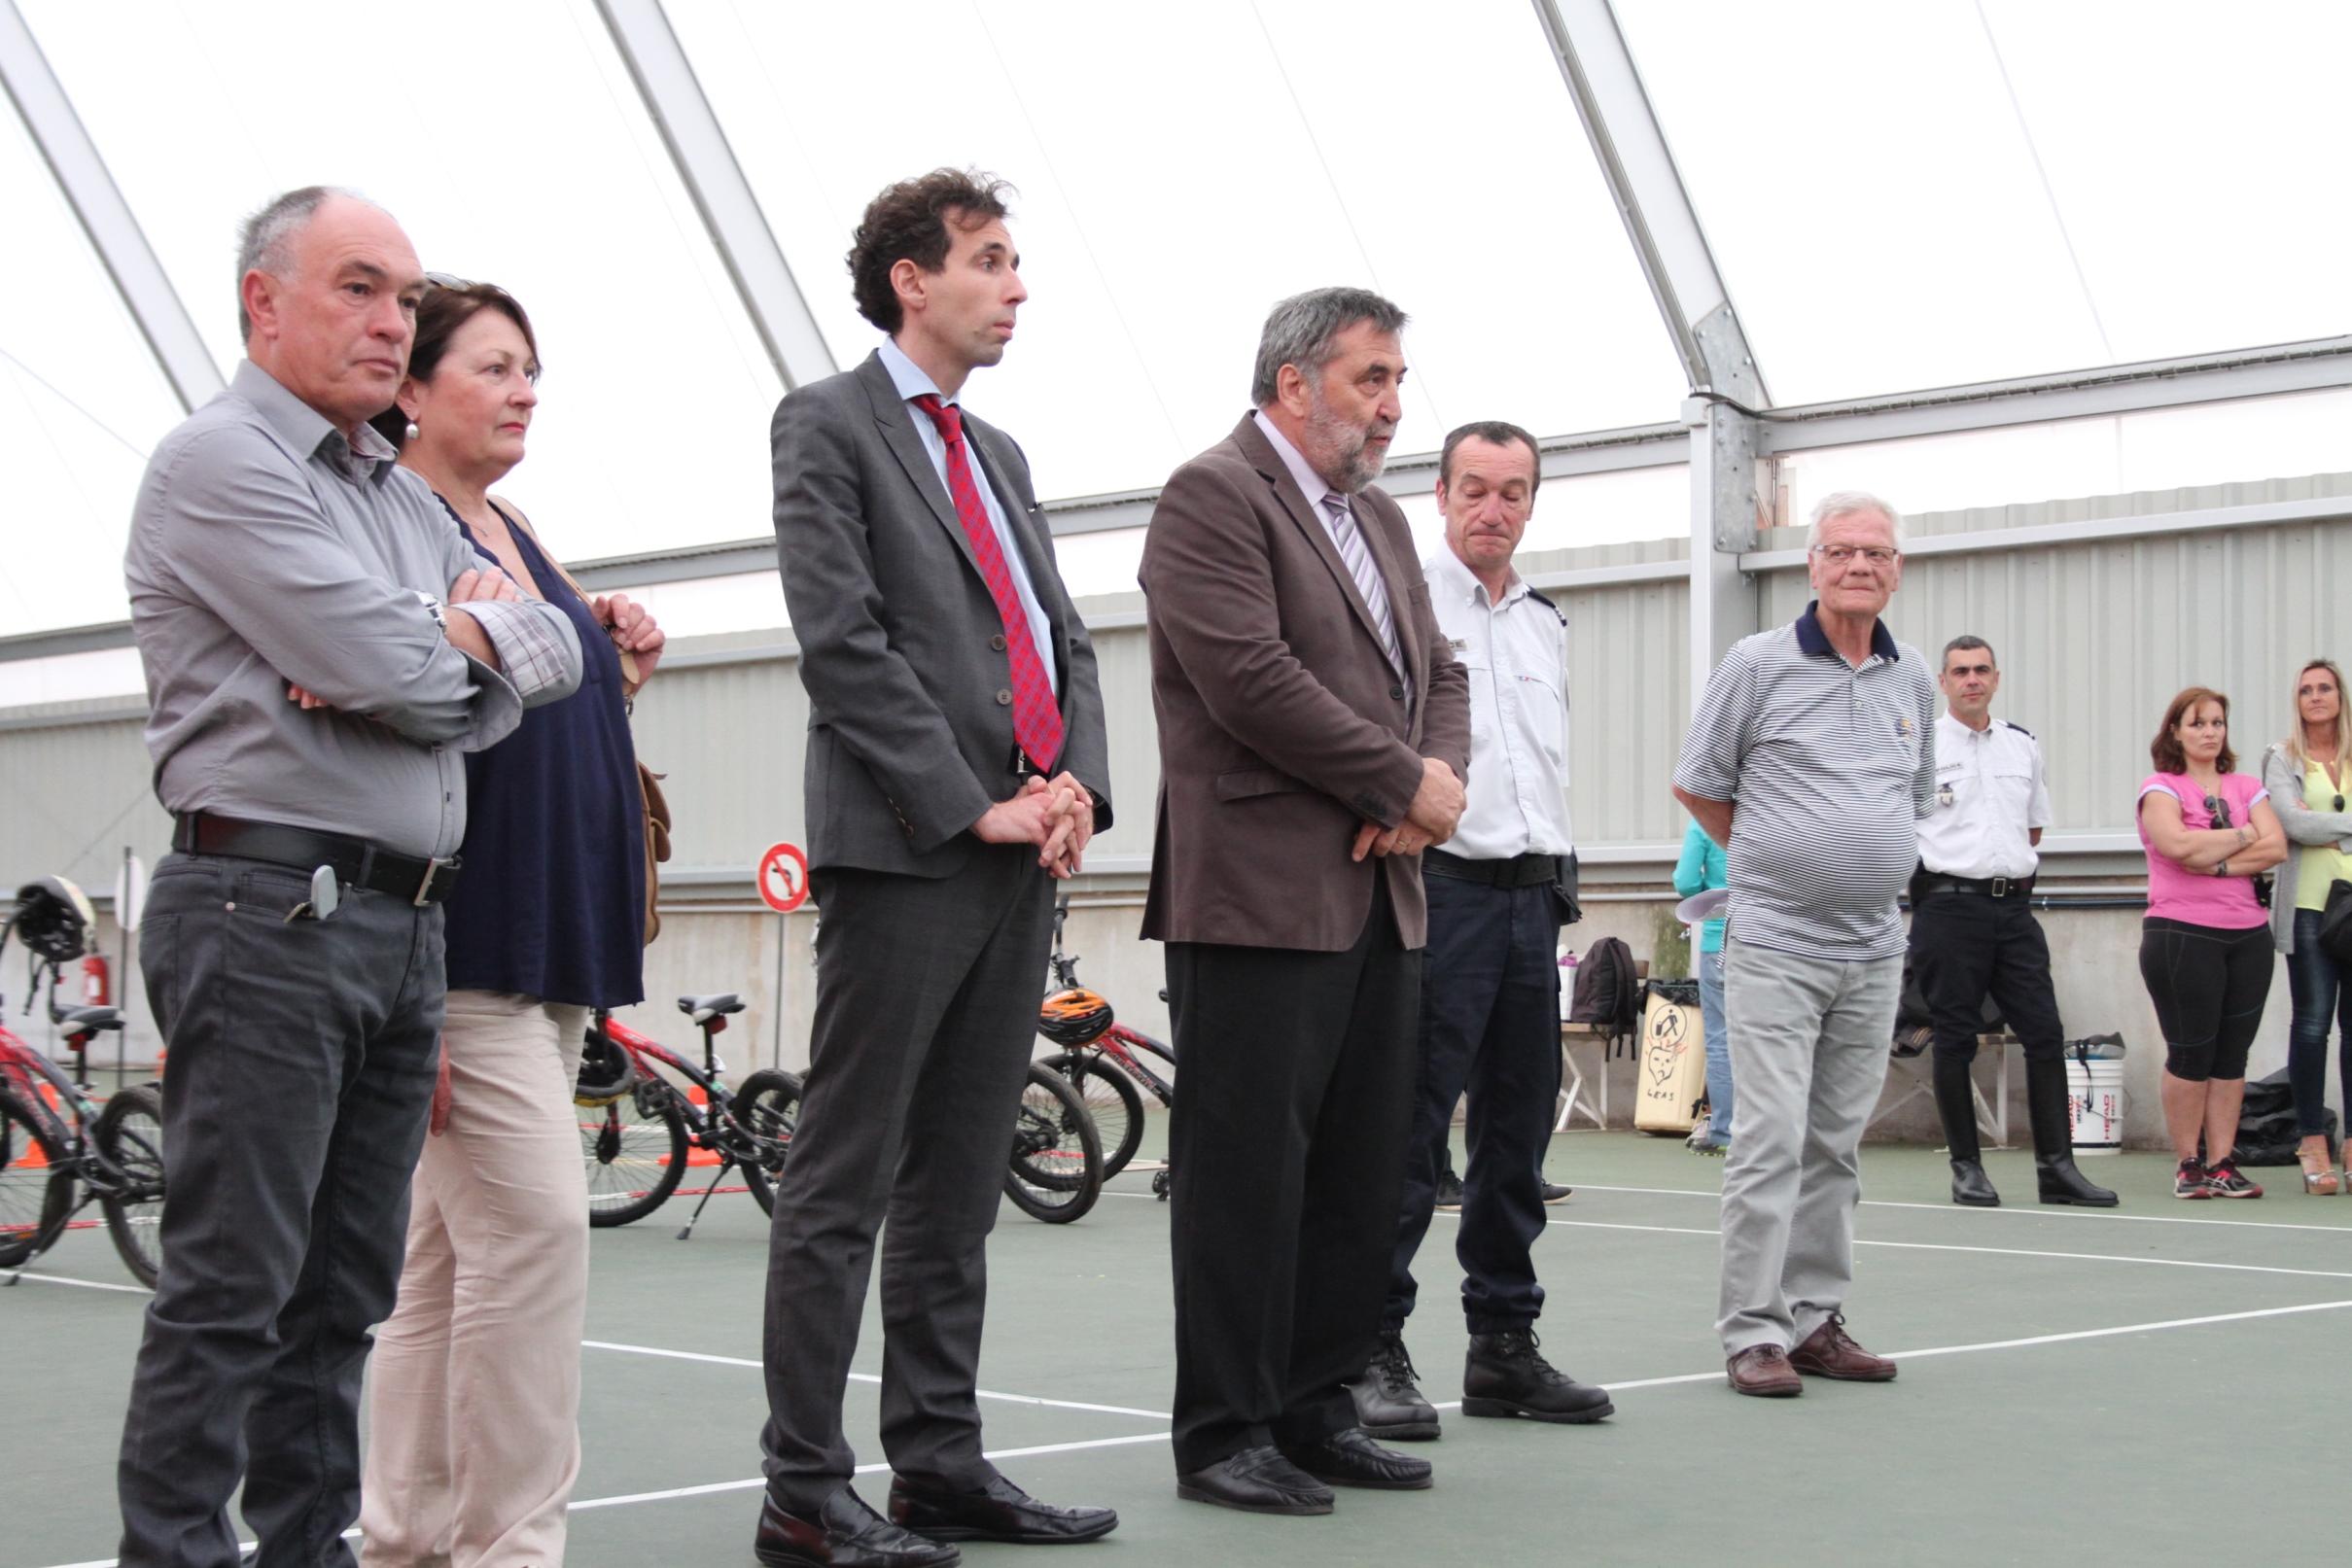 Guy Monchaux et David Myard aux côtés de Pierre Vesperini et des élus locaux pour la remise du permis cycliste